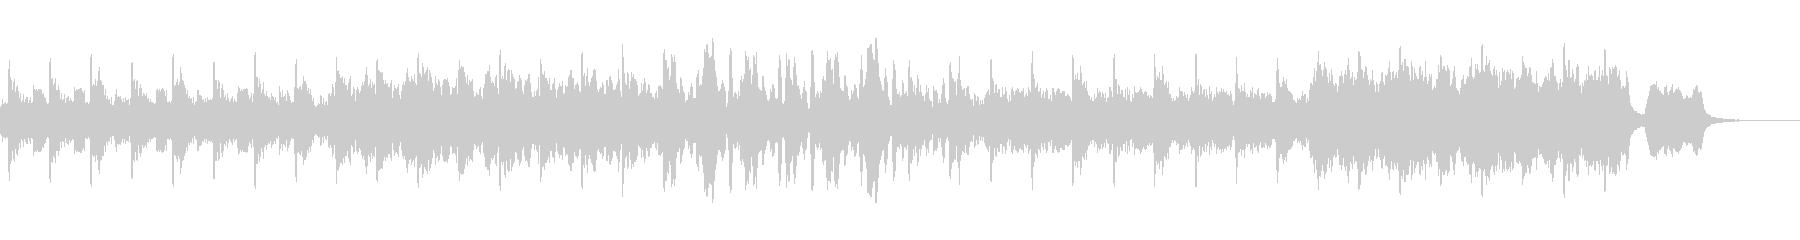 「変拍子」VP映像用オーケストラ壮大の未再生の波形